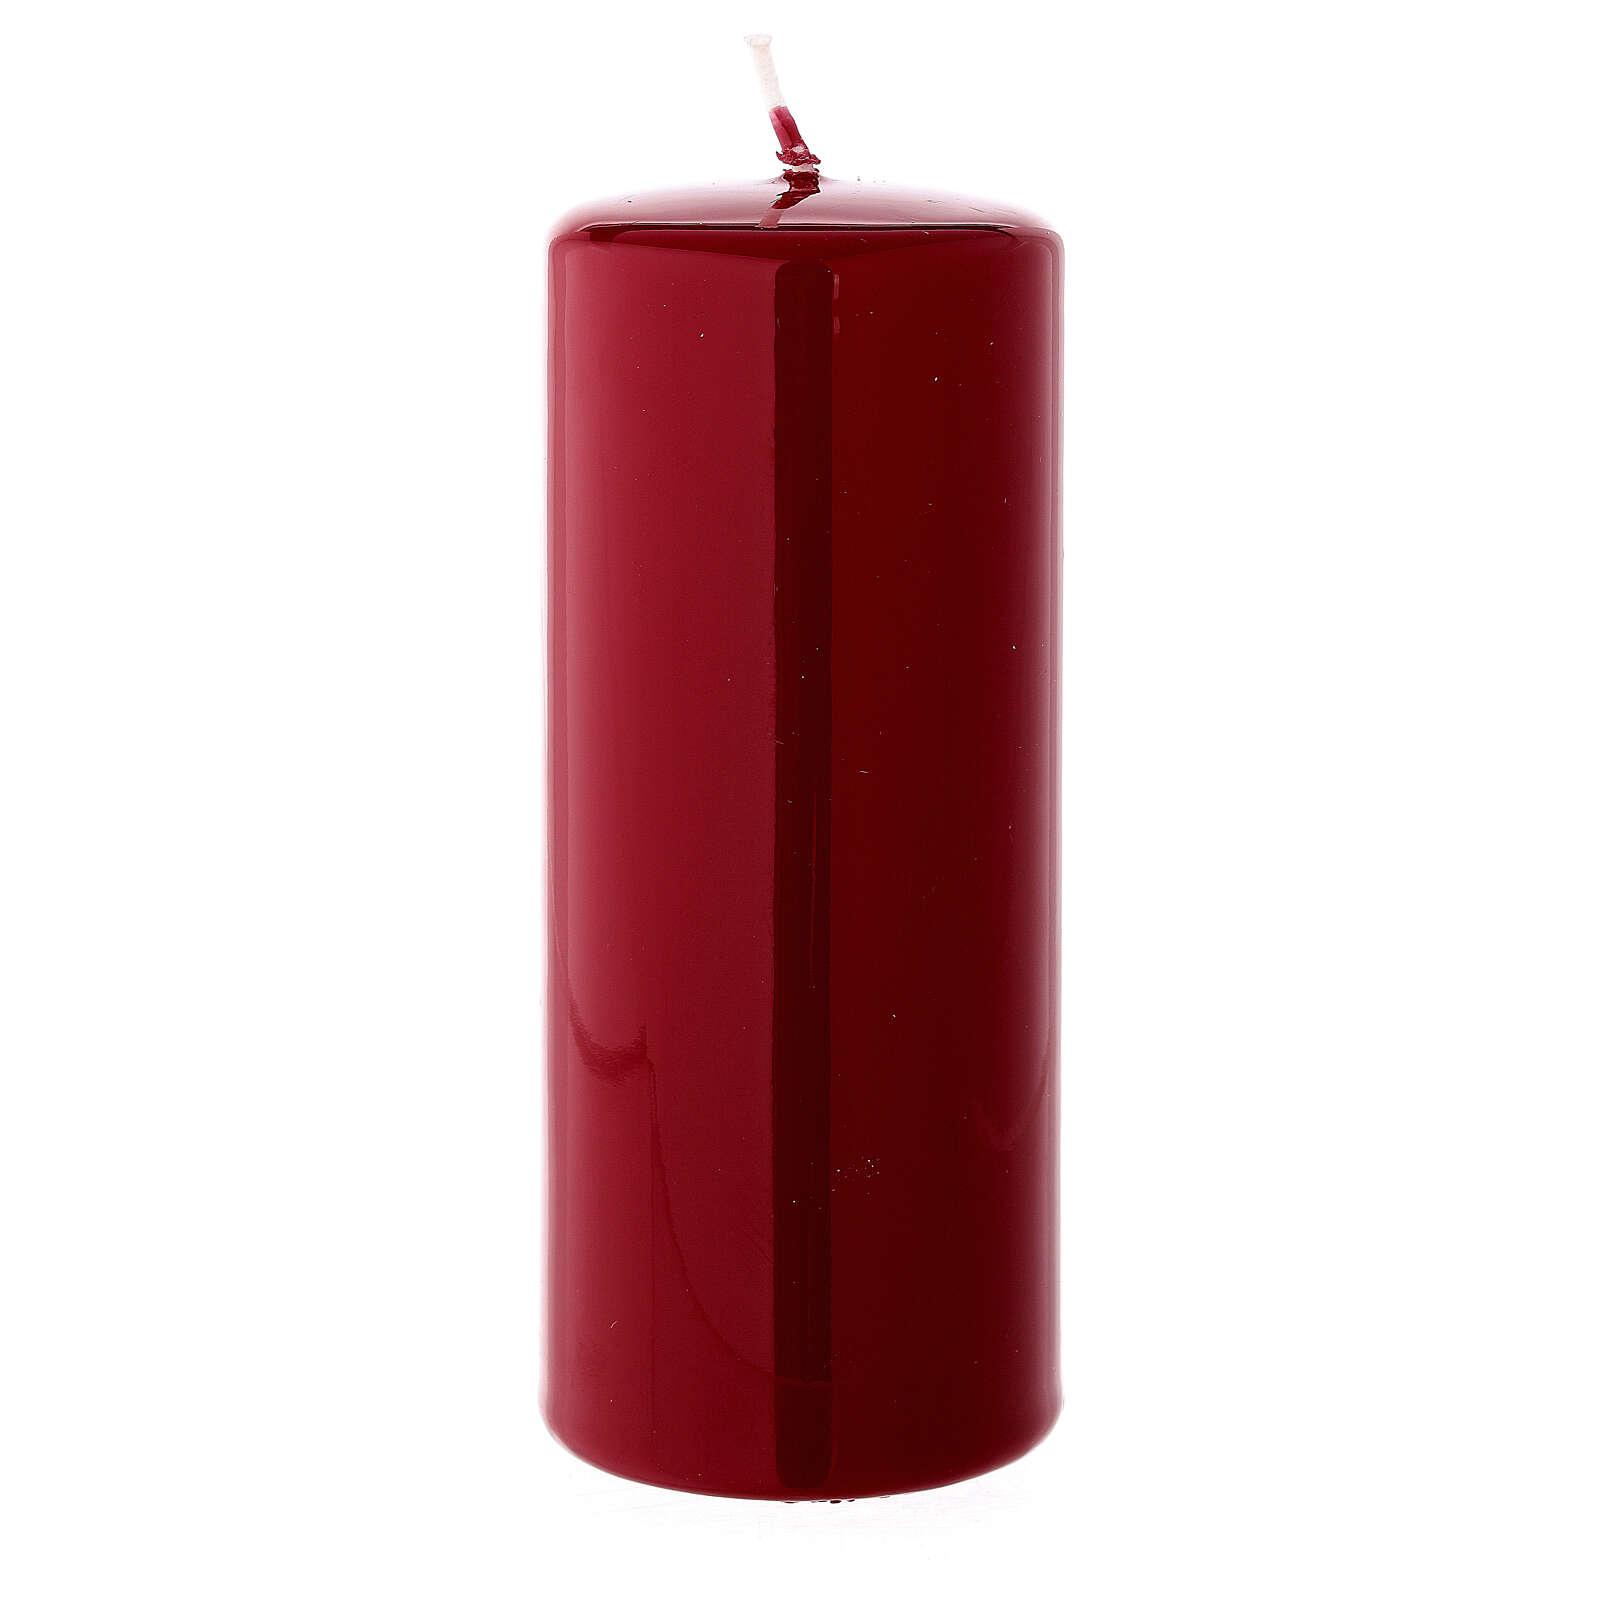 Rote Weihnachtskerze Siegelwachs Zylinderform, 150x60 mm 3